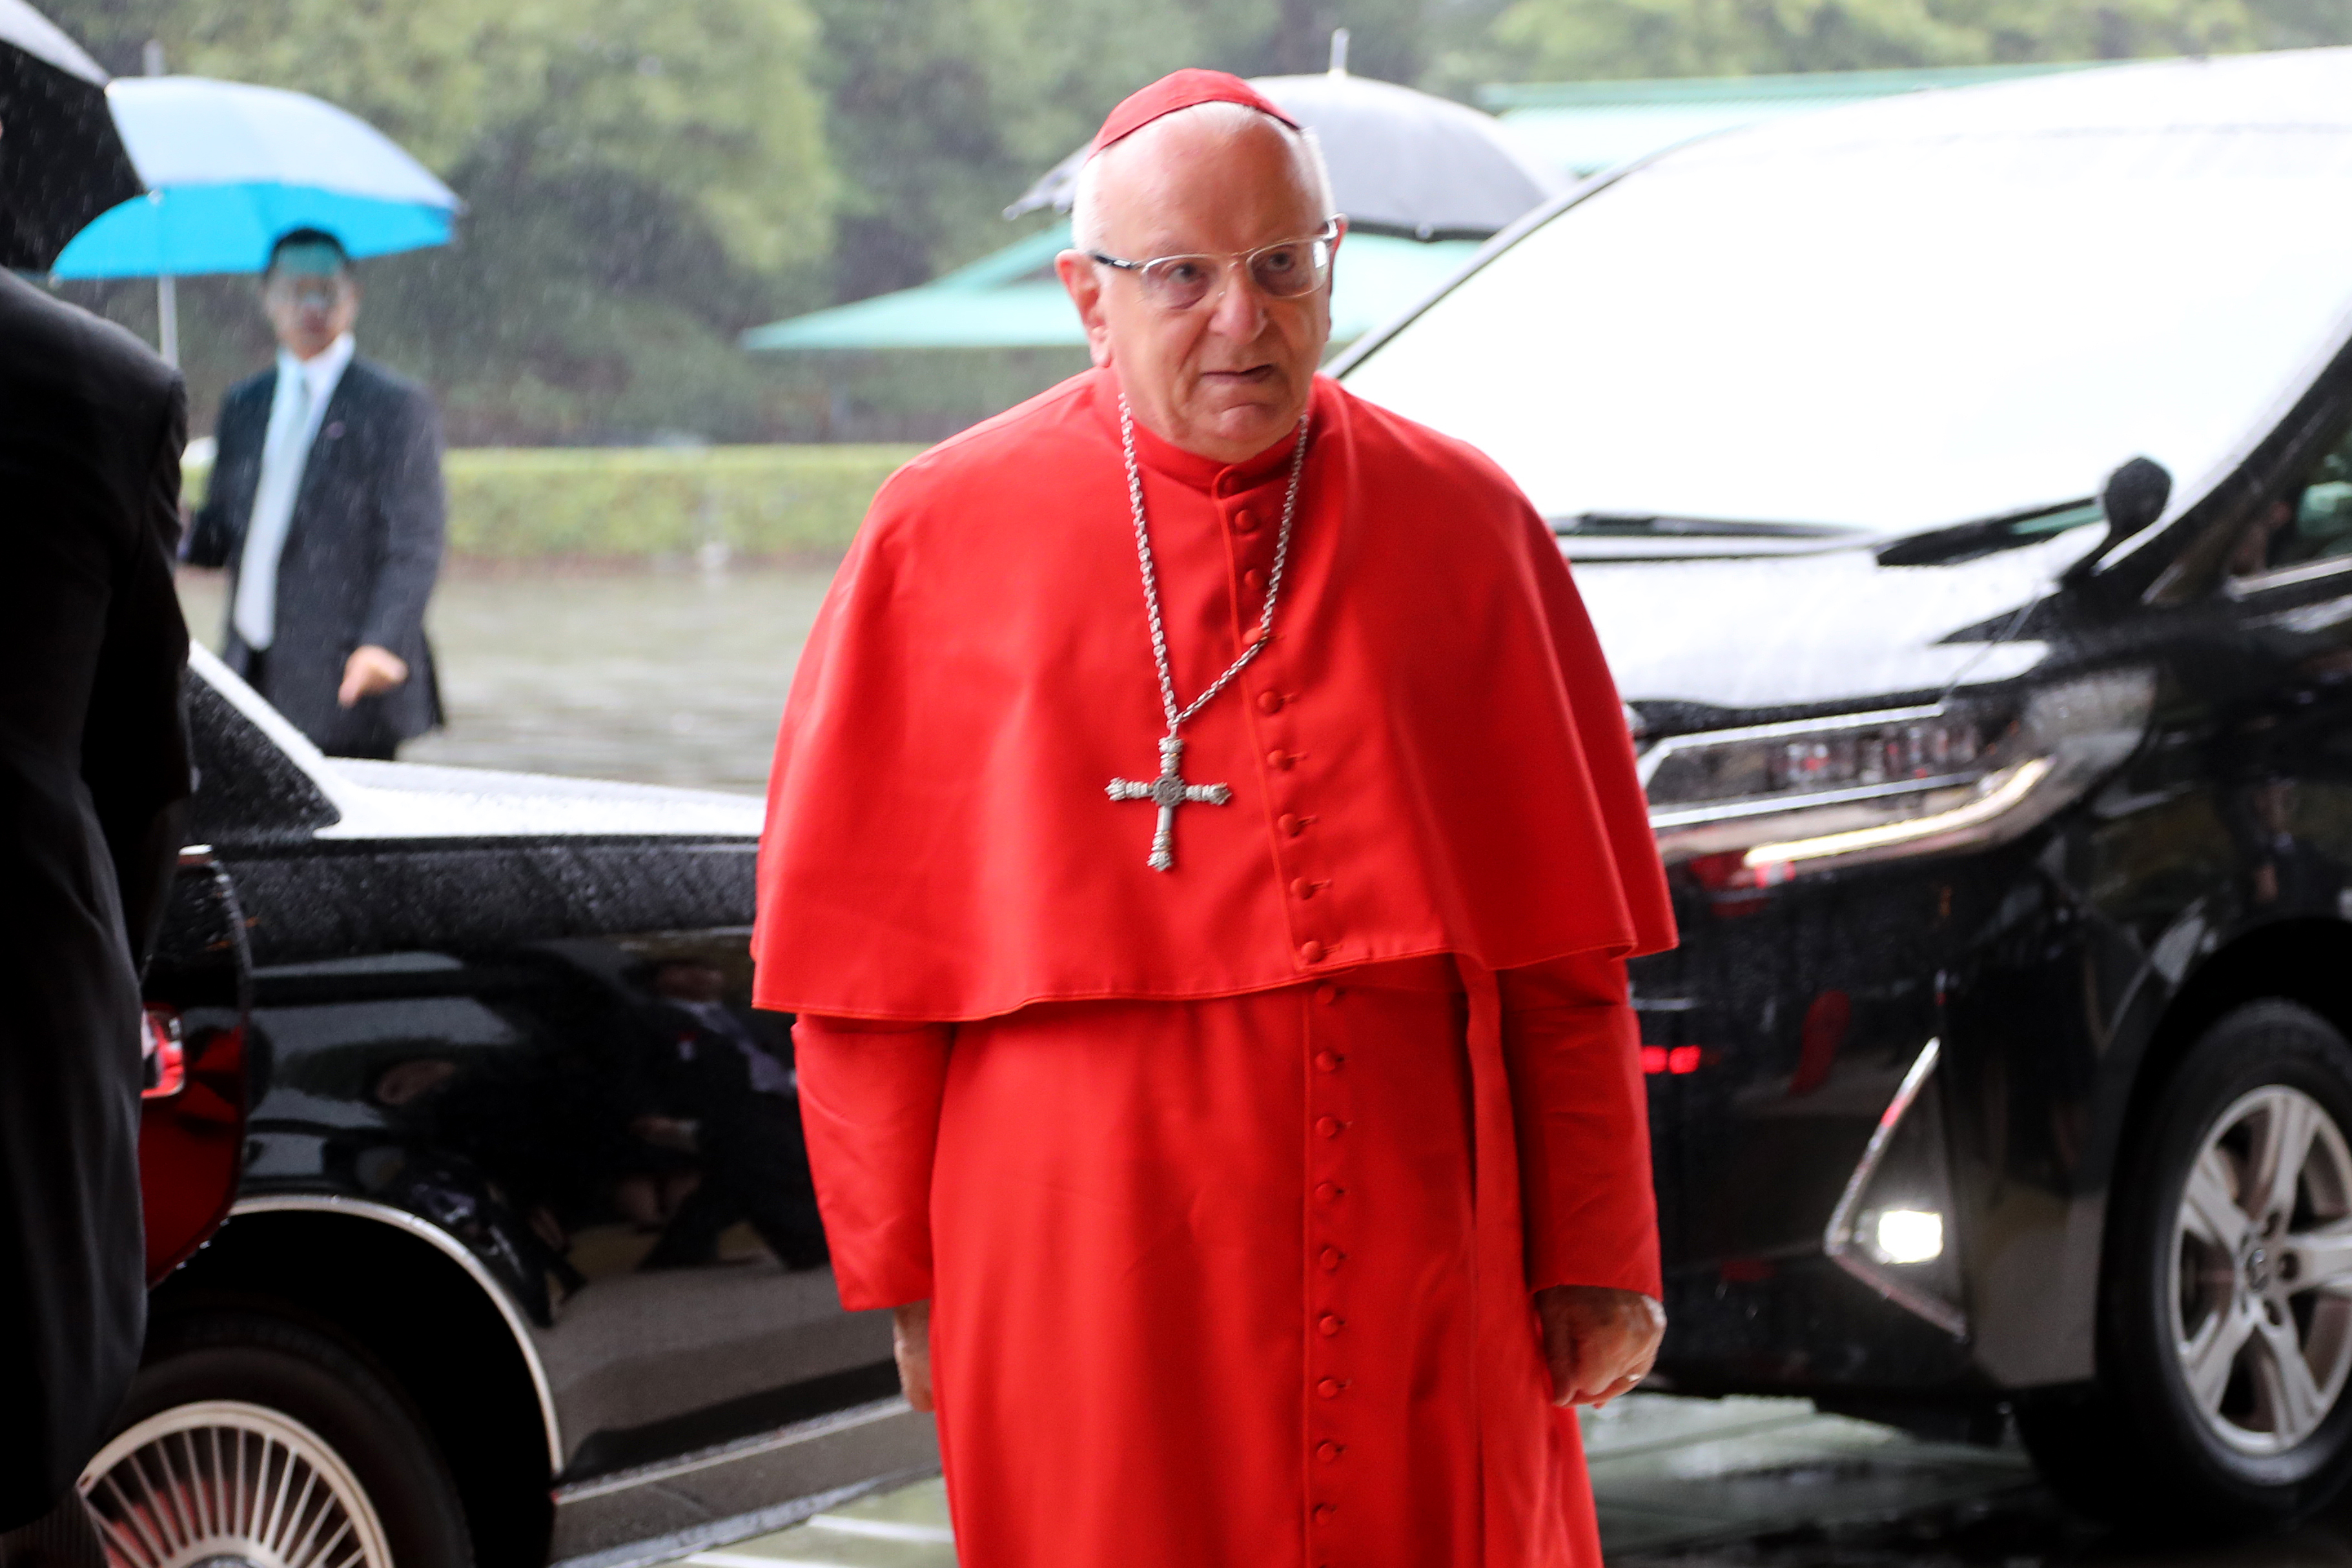 El cardenal del Vaticano Francesco Monterisi llega al Palacio Imperial para asistir a la ceremonia de proclamación de la ascensión del emperador japonés Naruhito al trono (AFP)